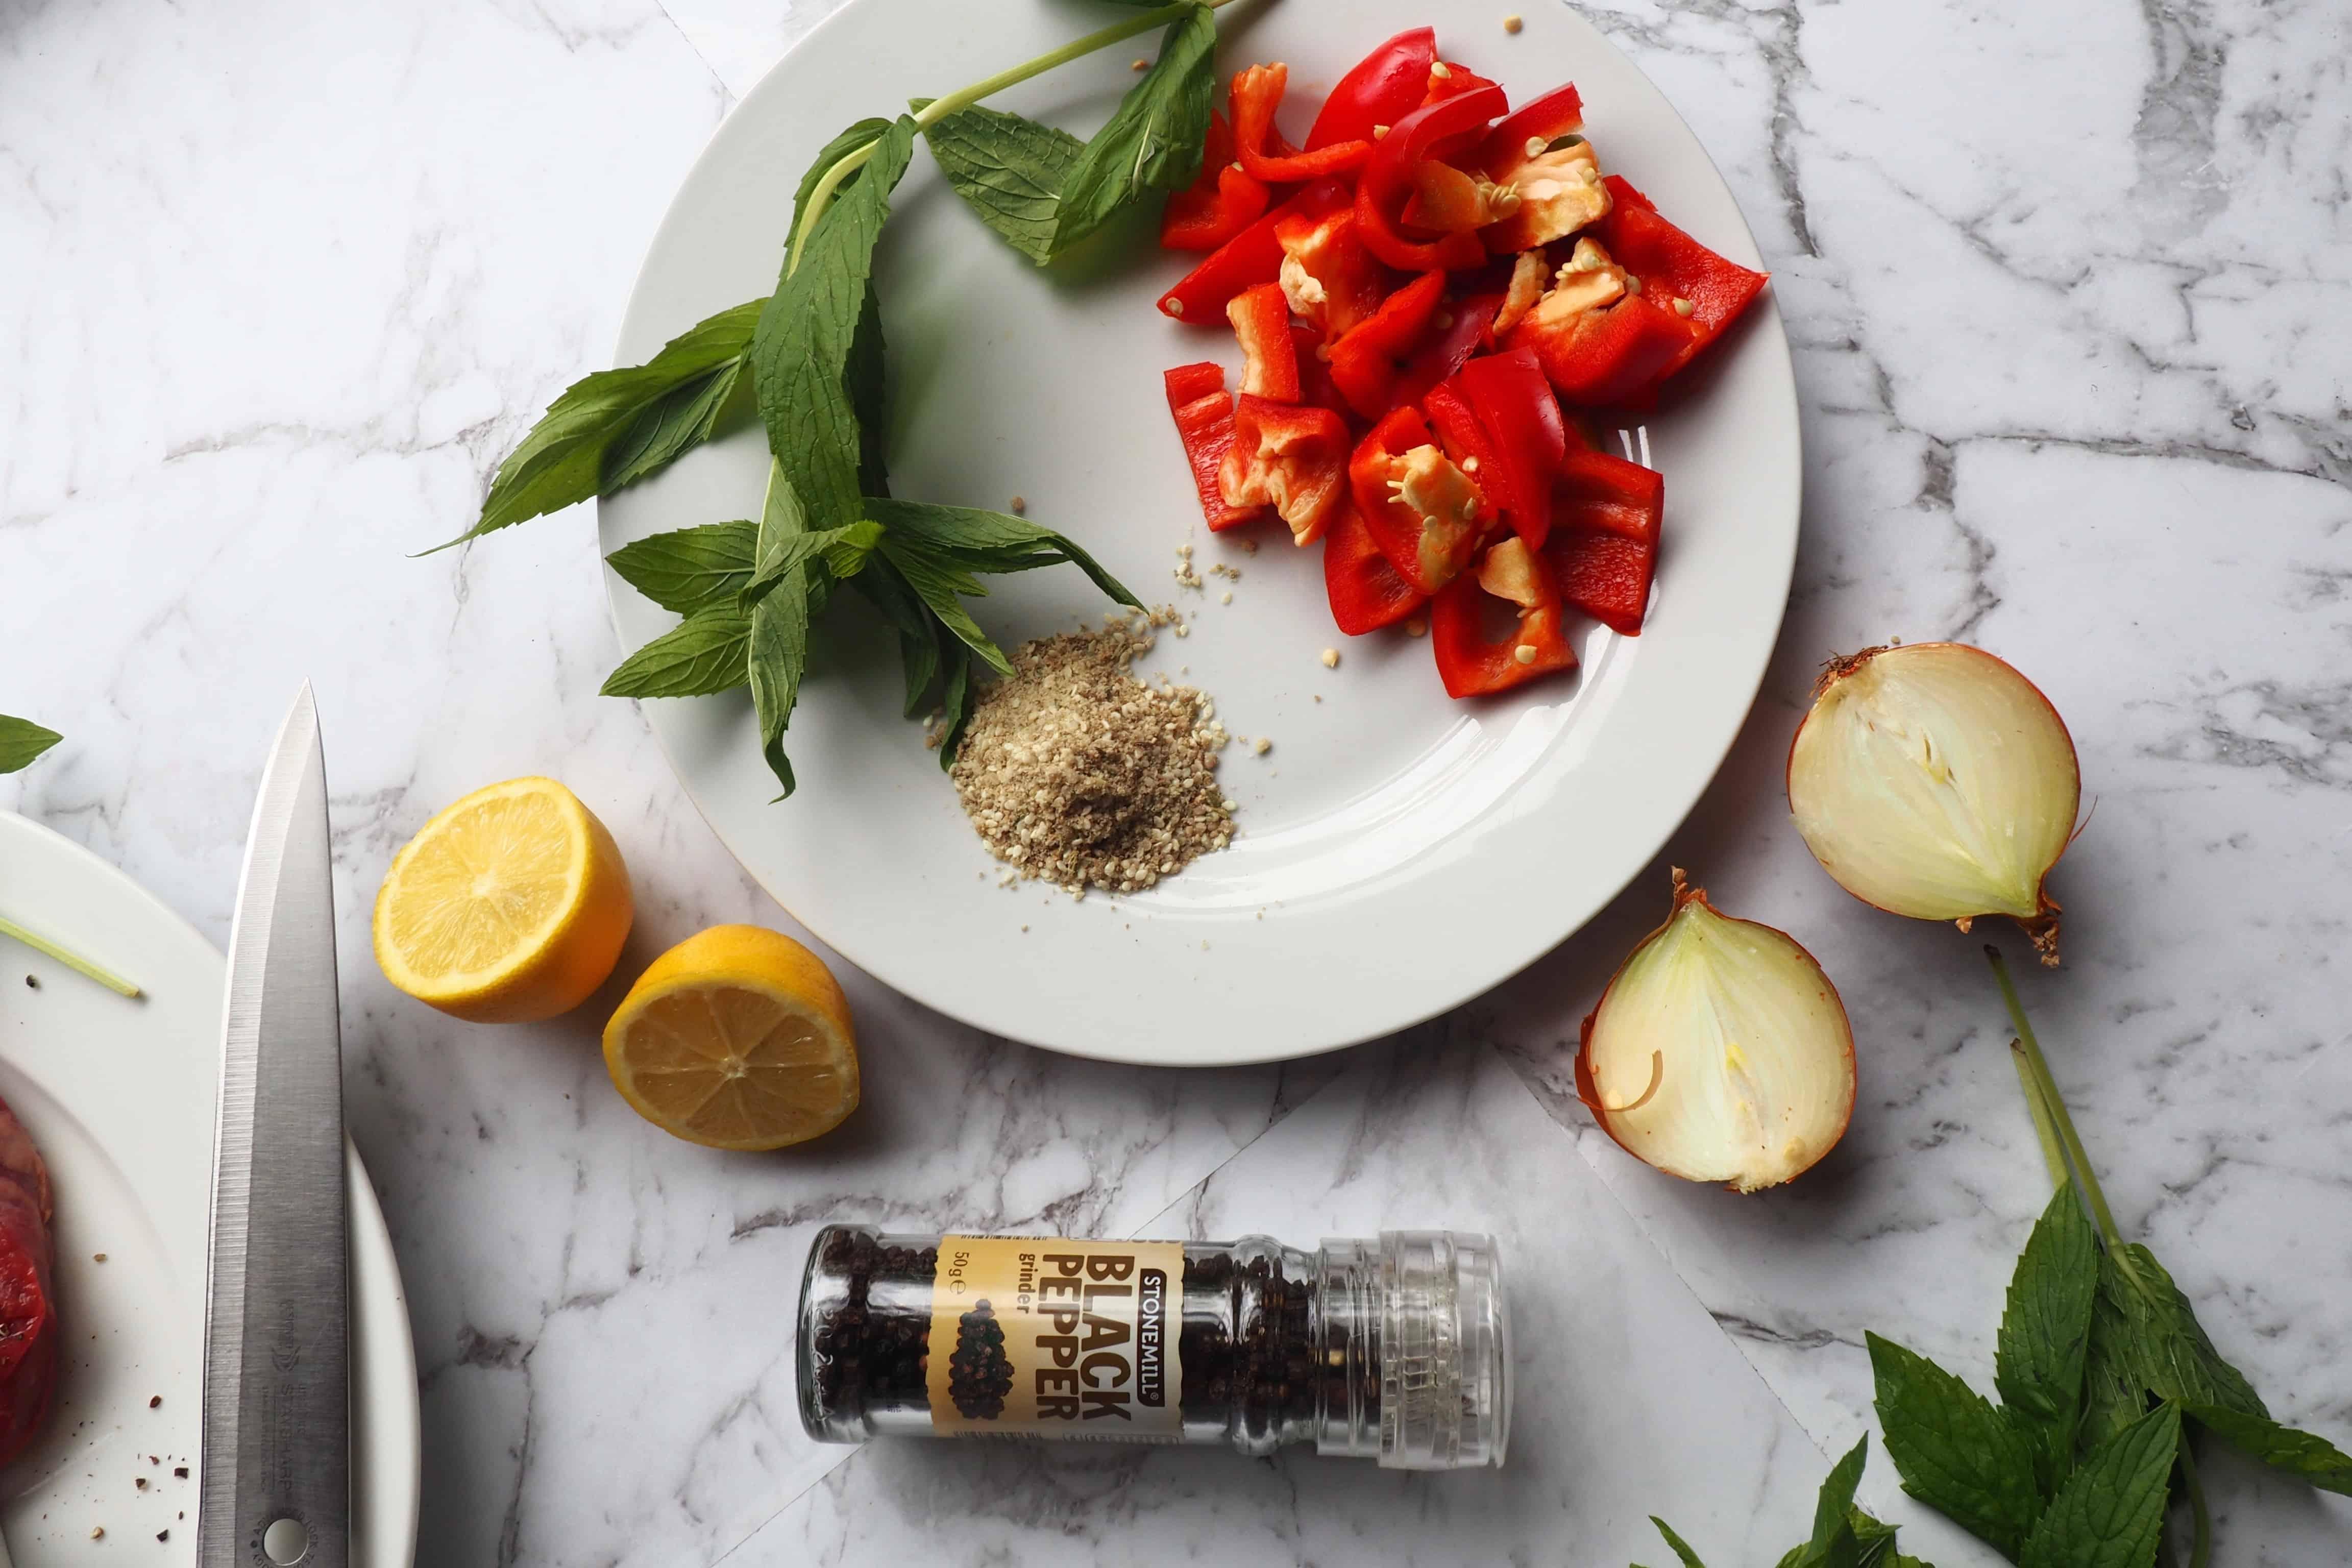 Sunbeam Foodsaver Australia